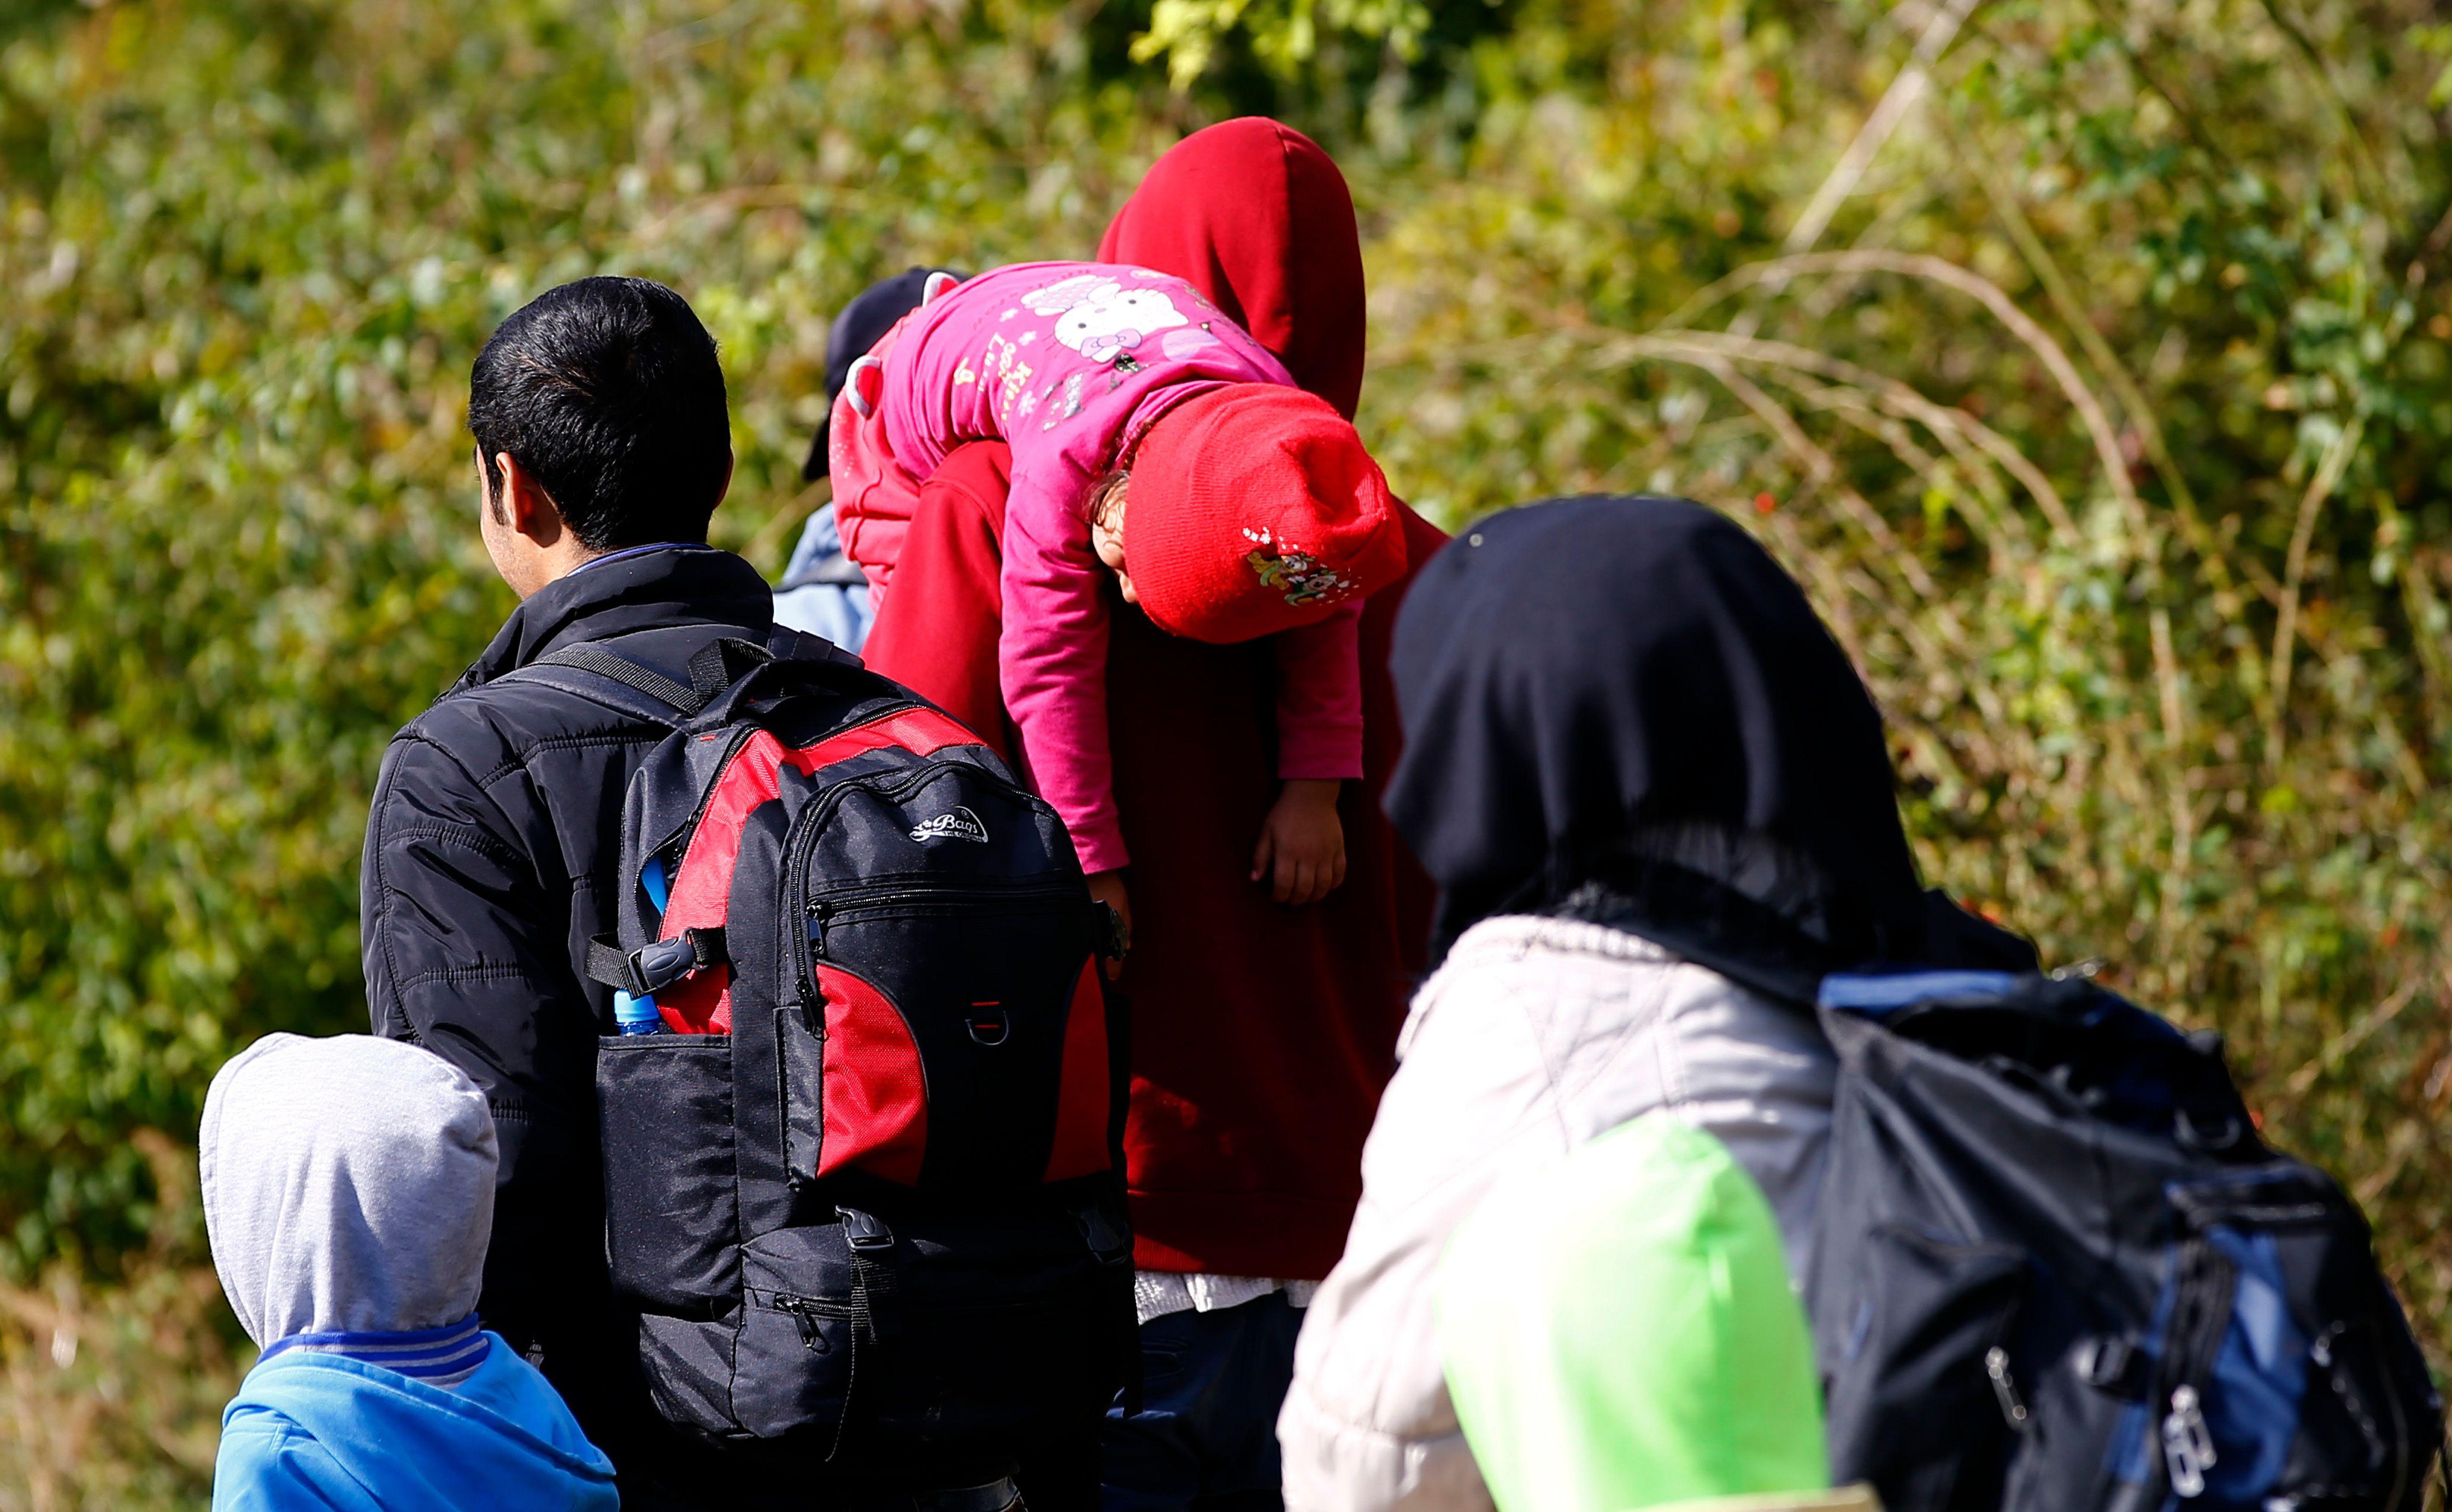 Migrants : le Danemark instaure des contrôles aux frontières avec l'Allemagne